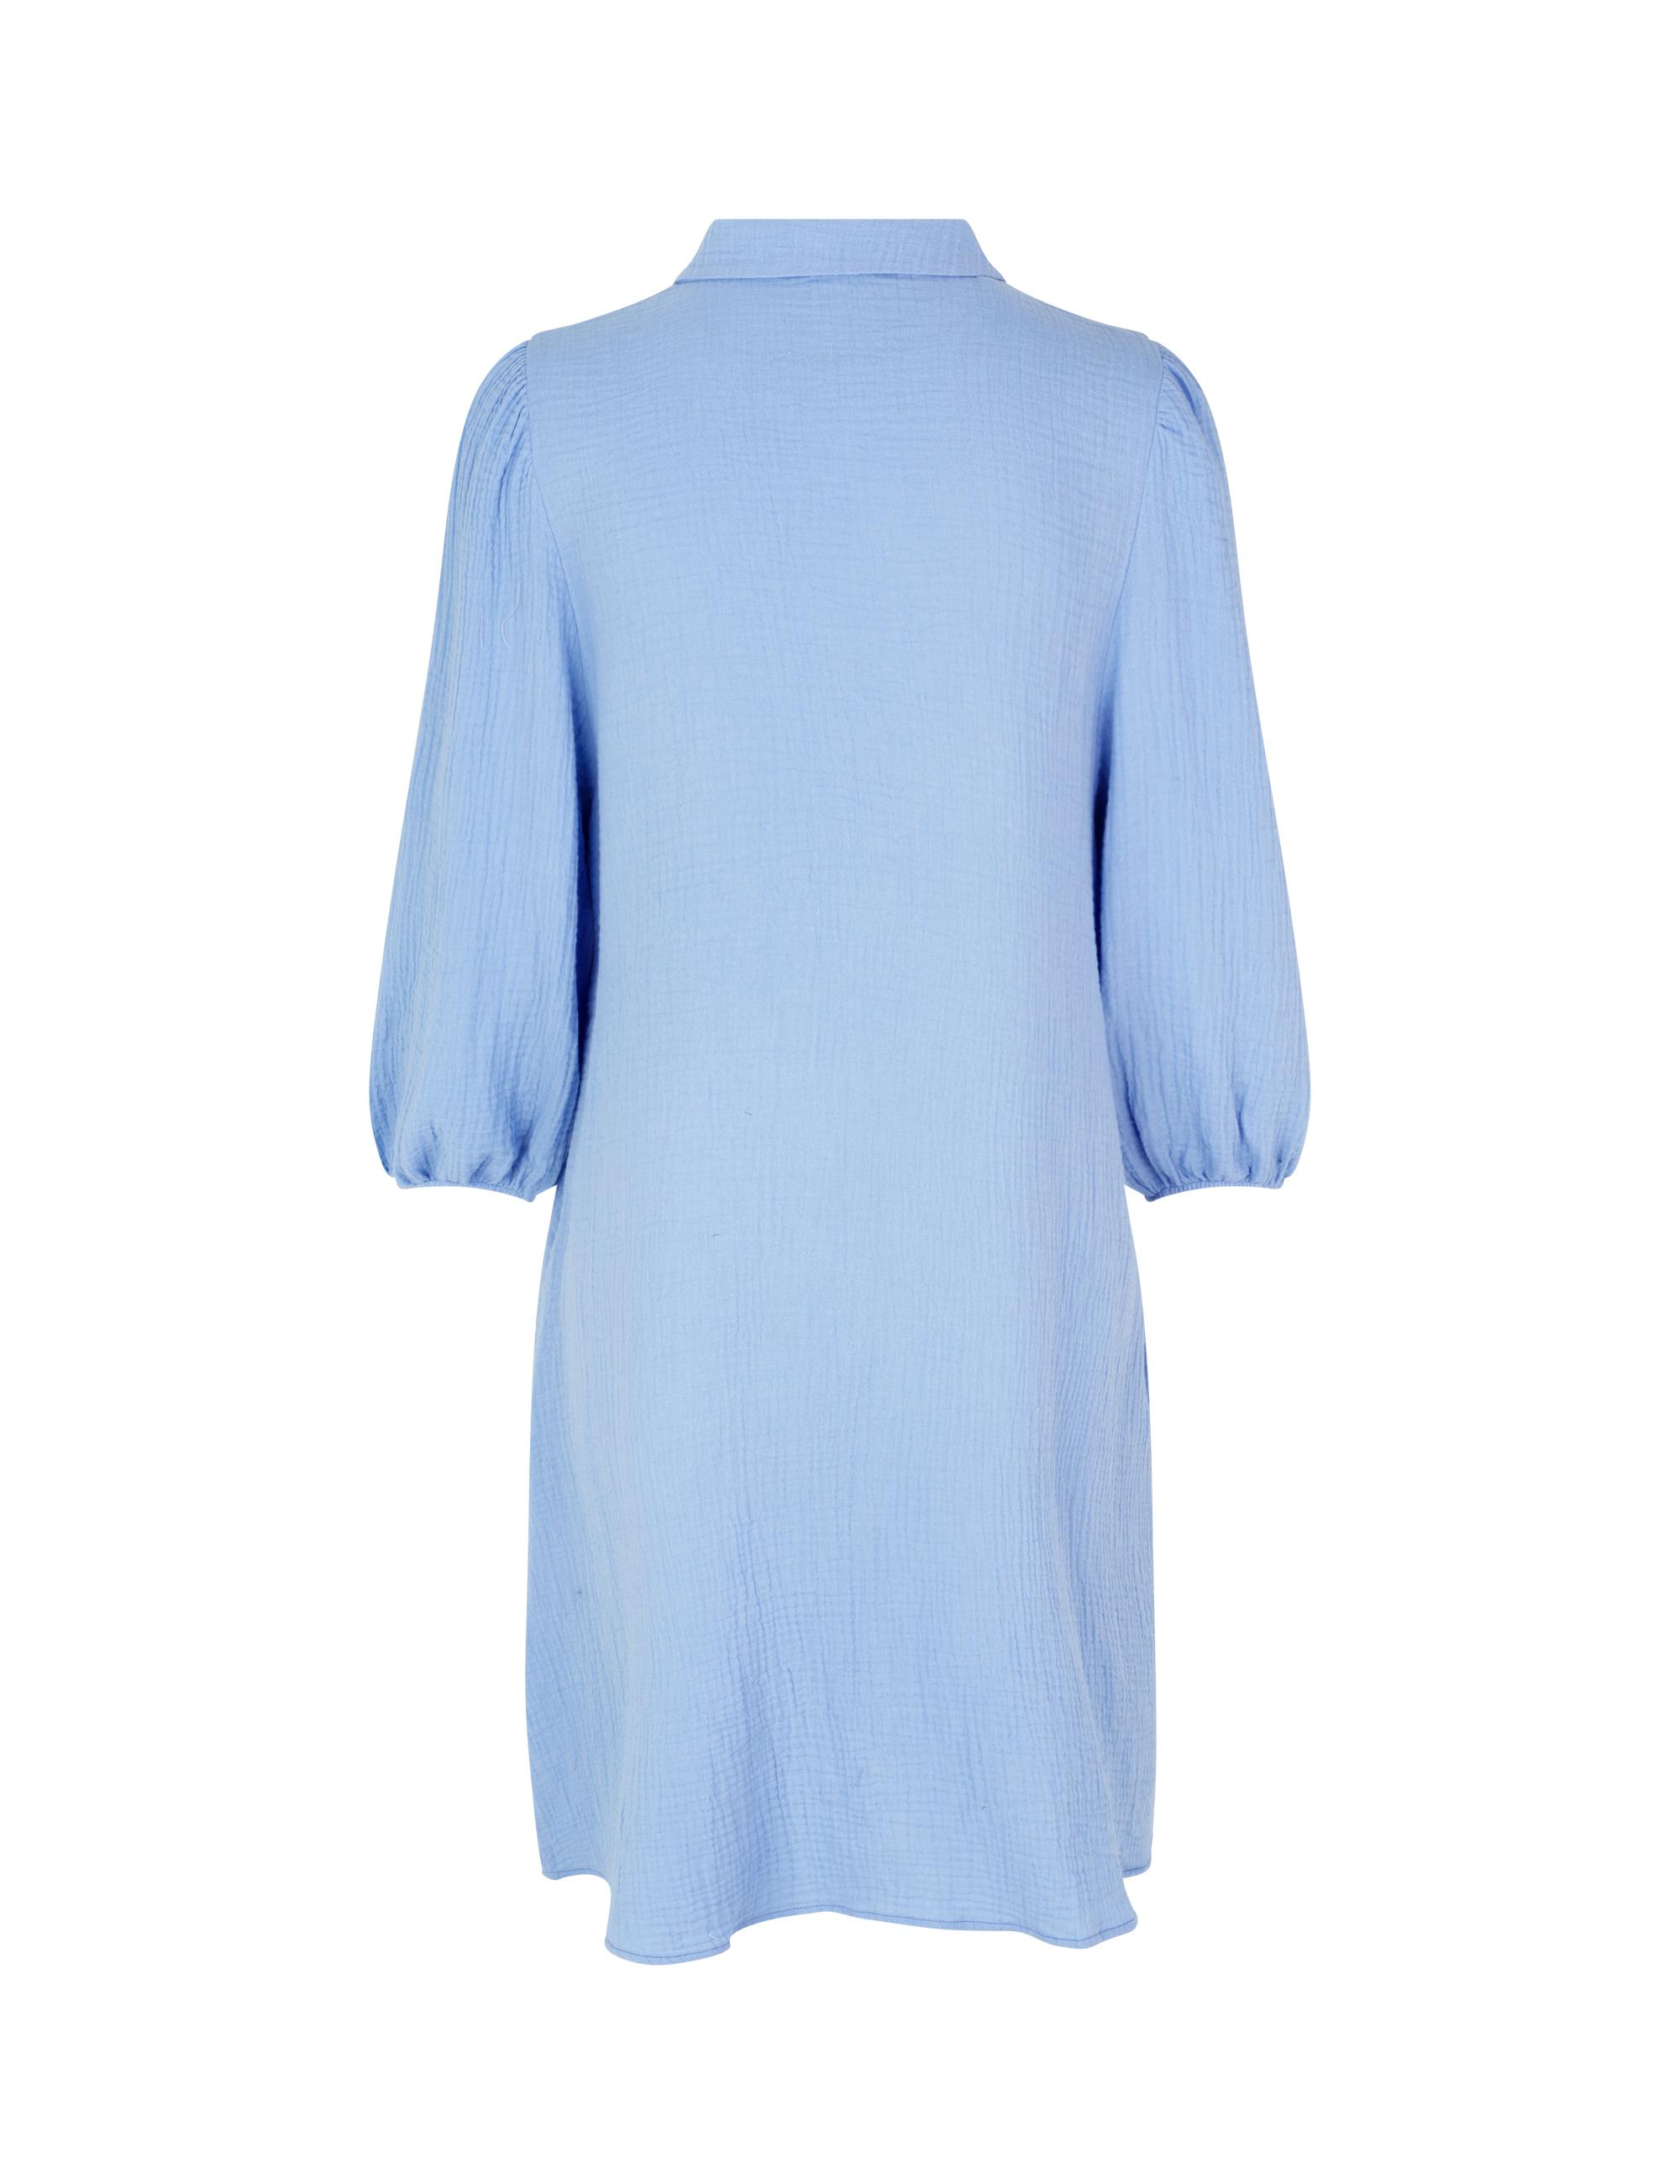 mbyM Renetta Taimi kjole, Serenity, S